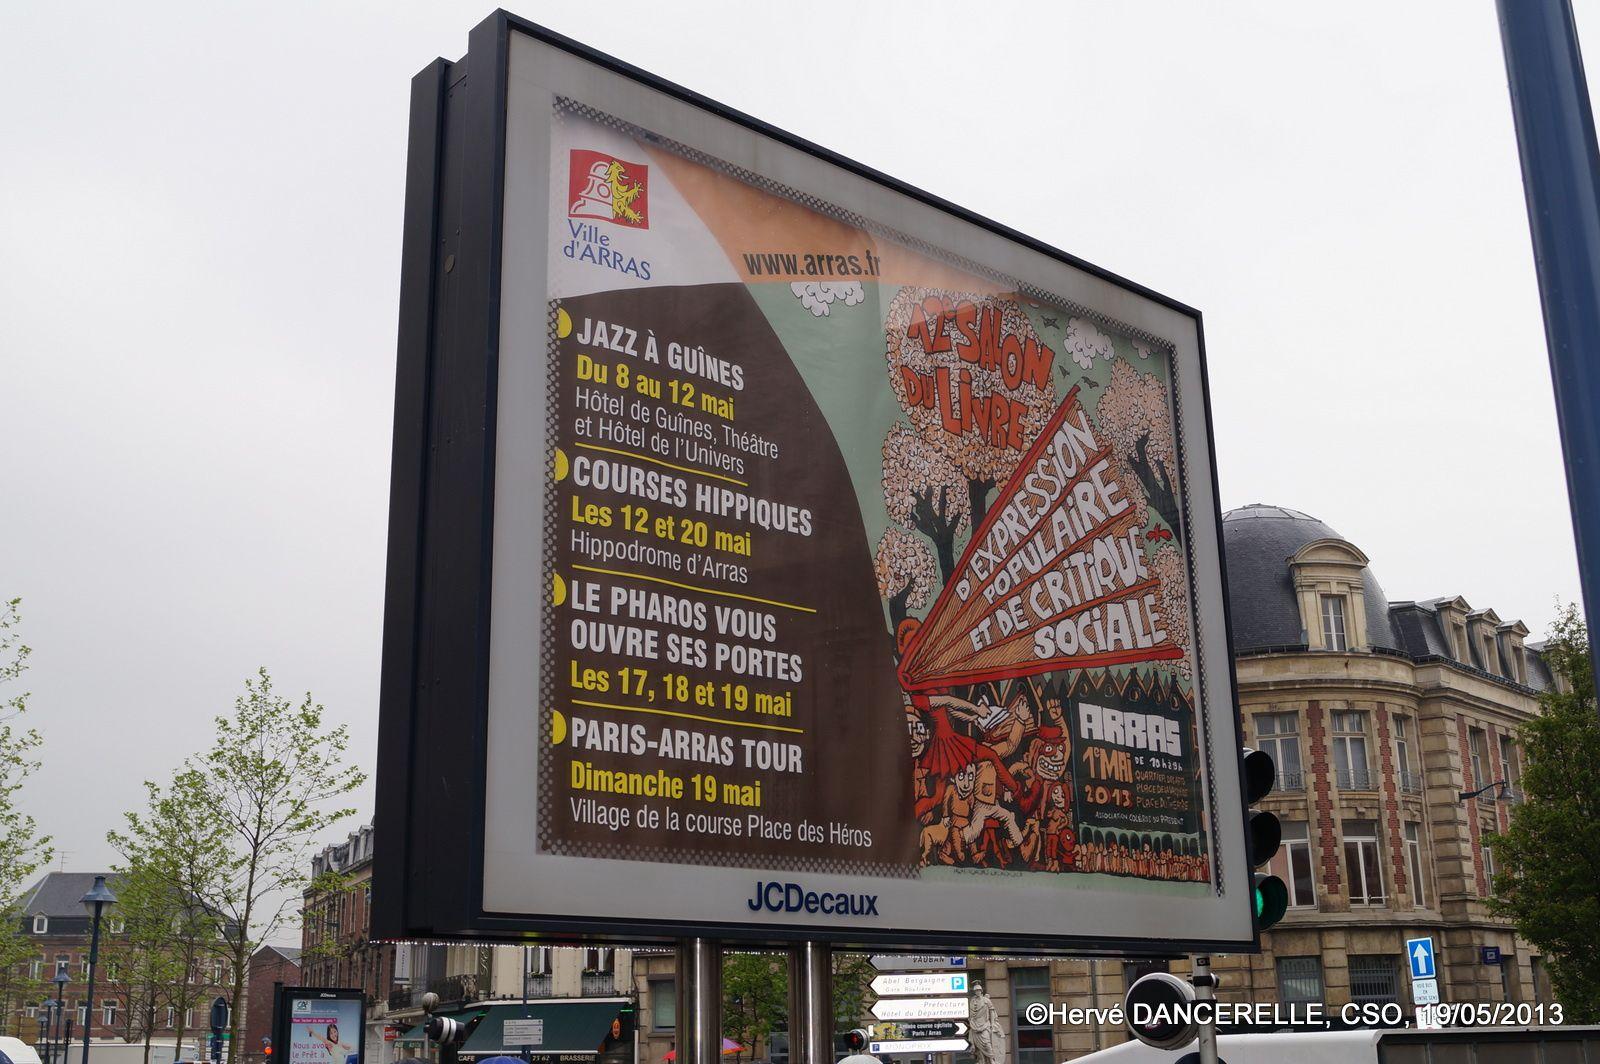 Album - 2013 05 19 ETAPE 2 PARIS-ARRAS TOUR